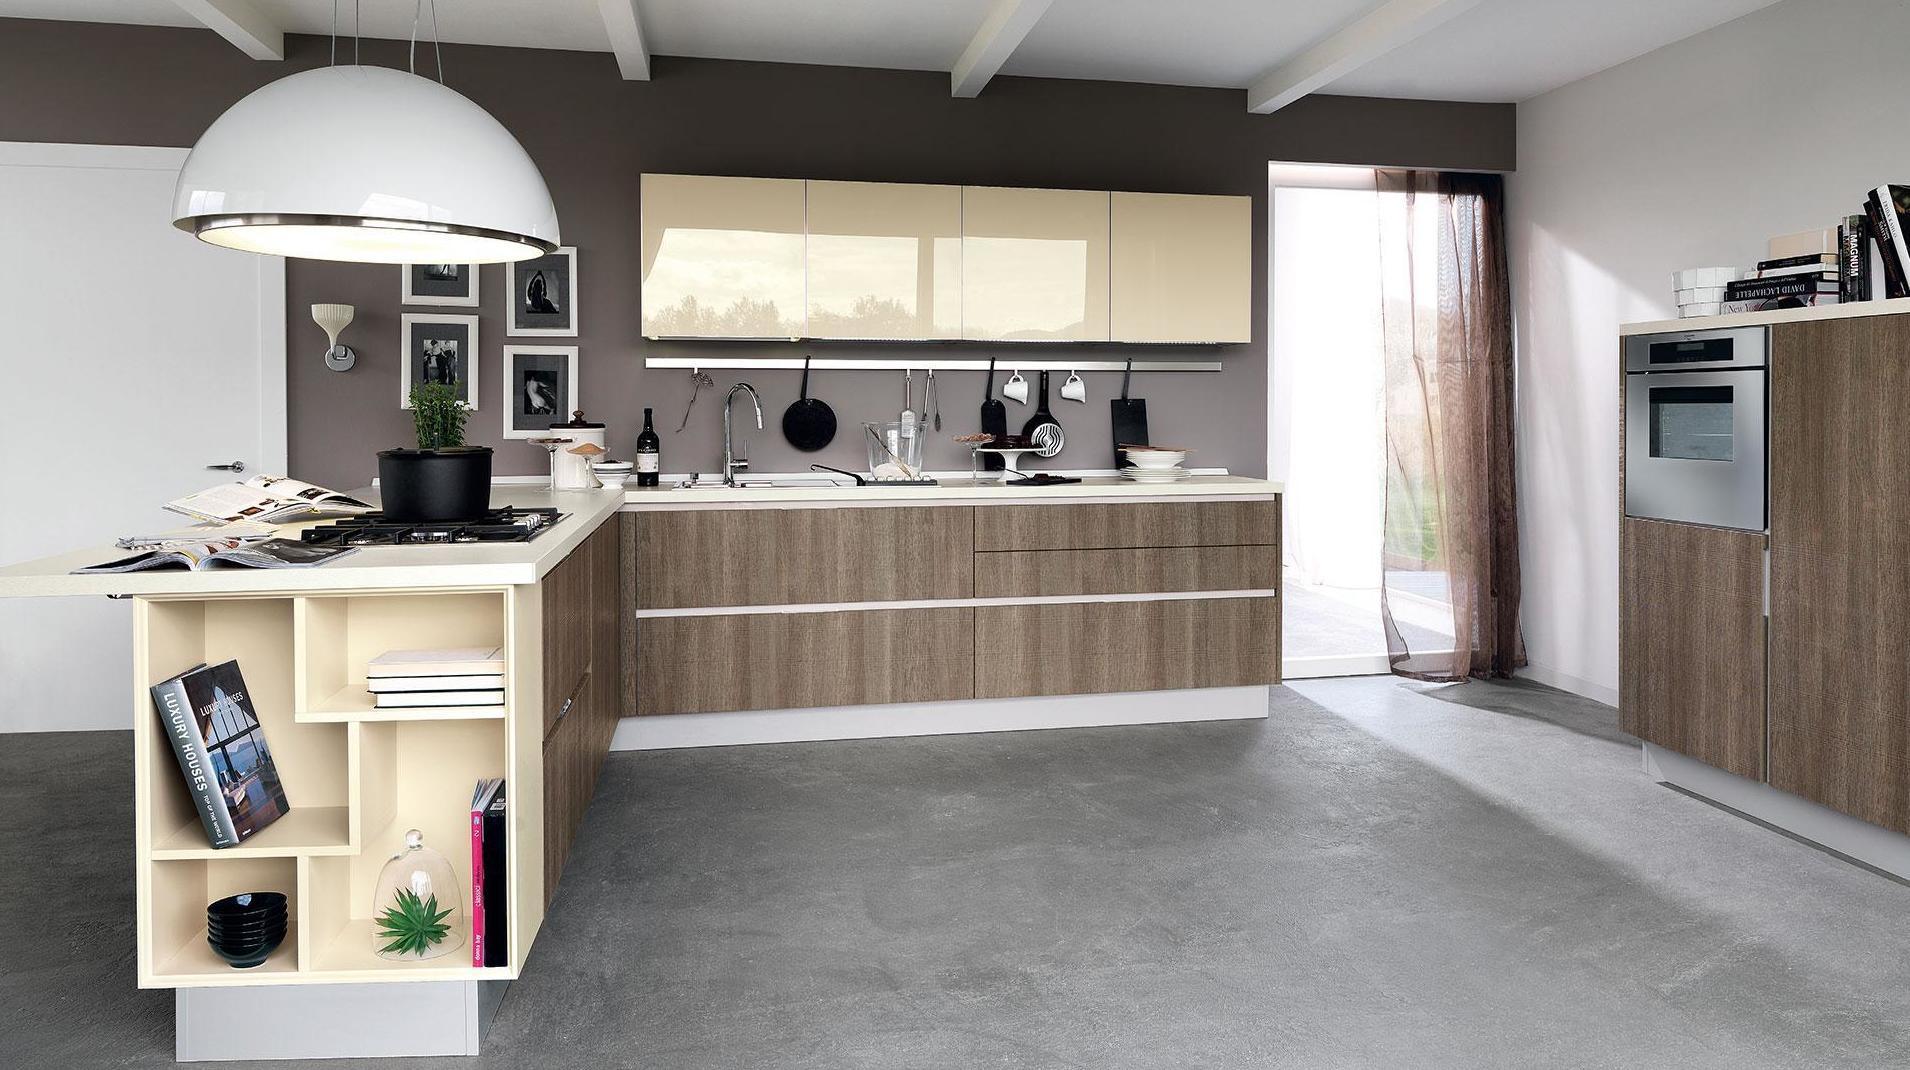 Foto 14 de Cocinas y baños en Getafe | Cocinas y Baños Snello